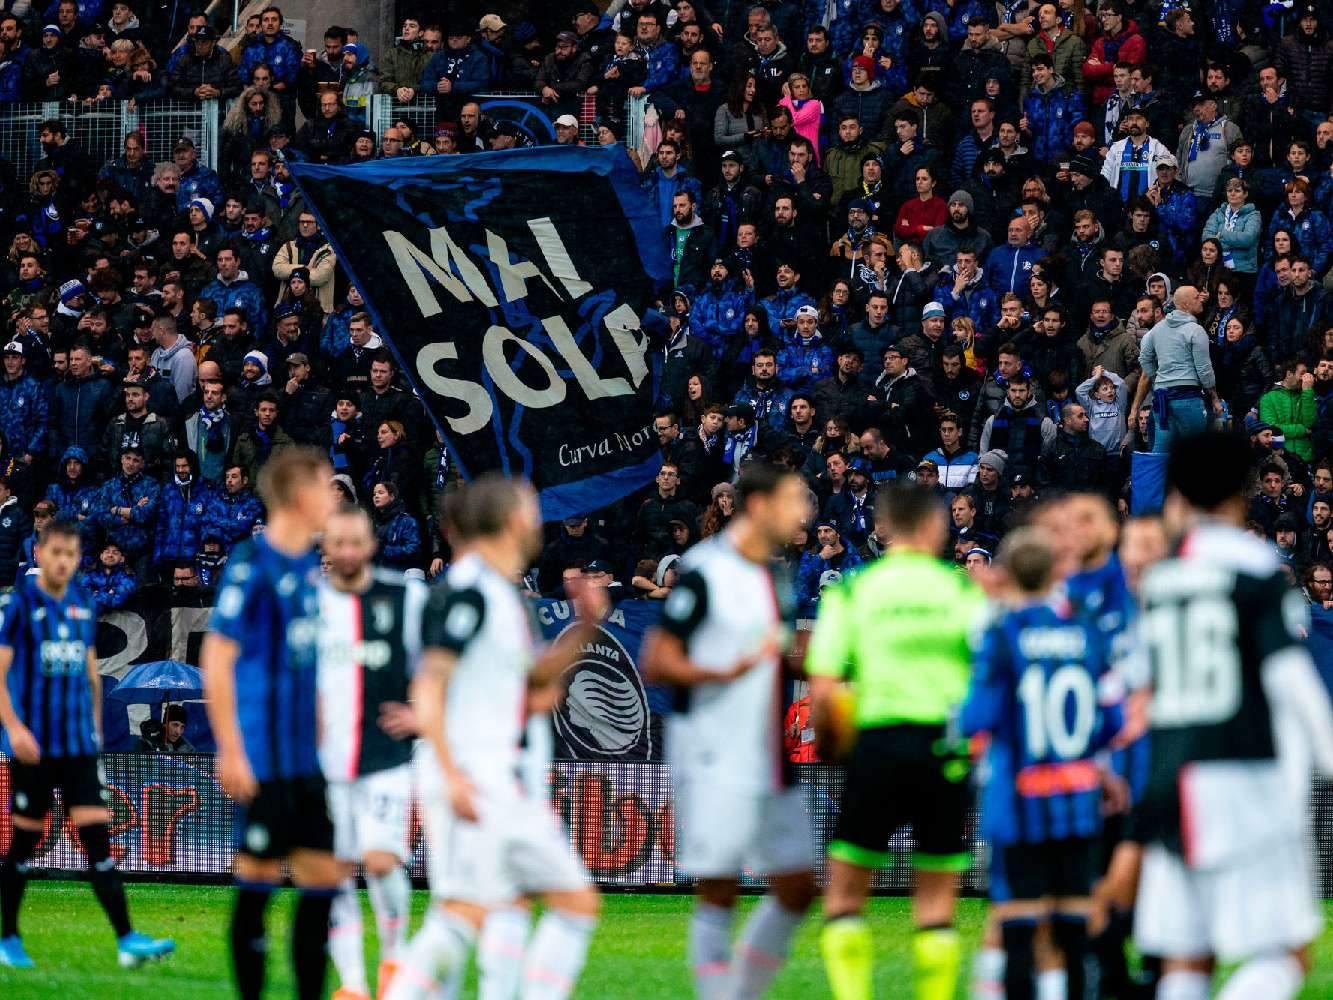 Девять клубов Серии А отказываются возобновлять тренировки